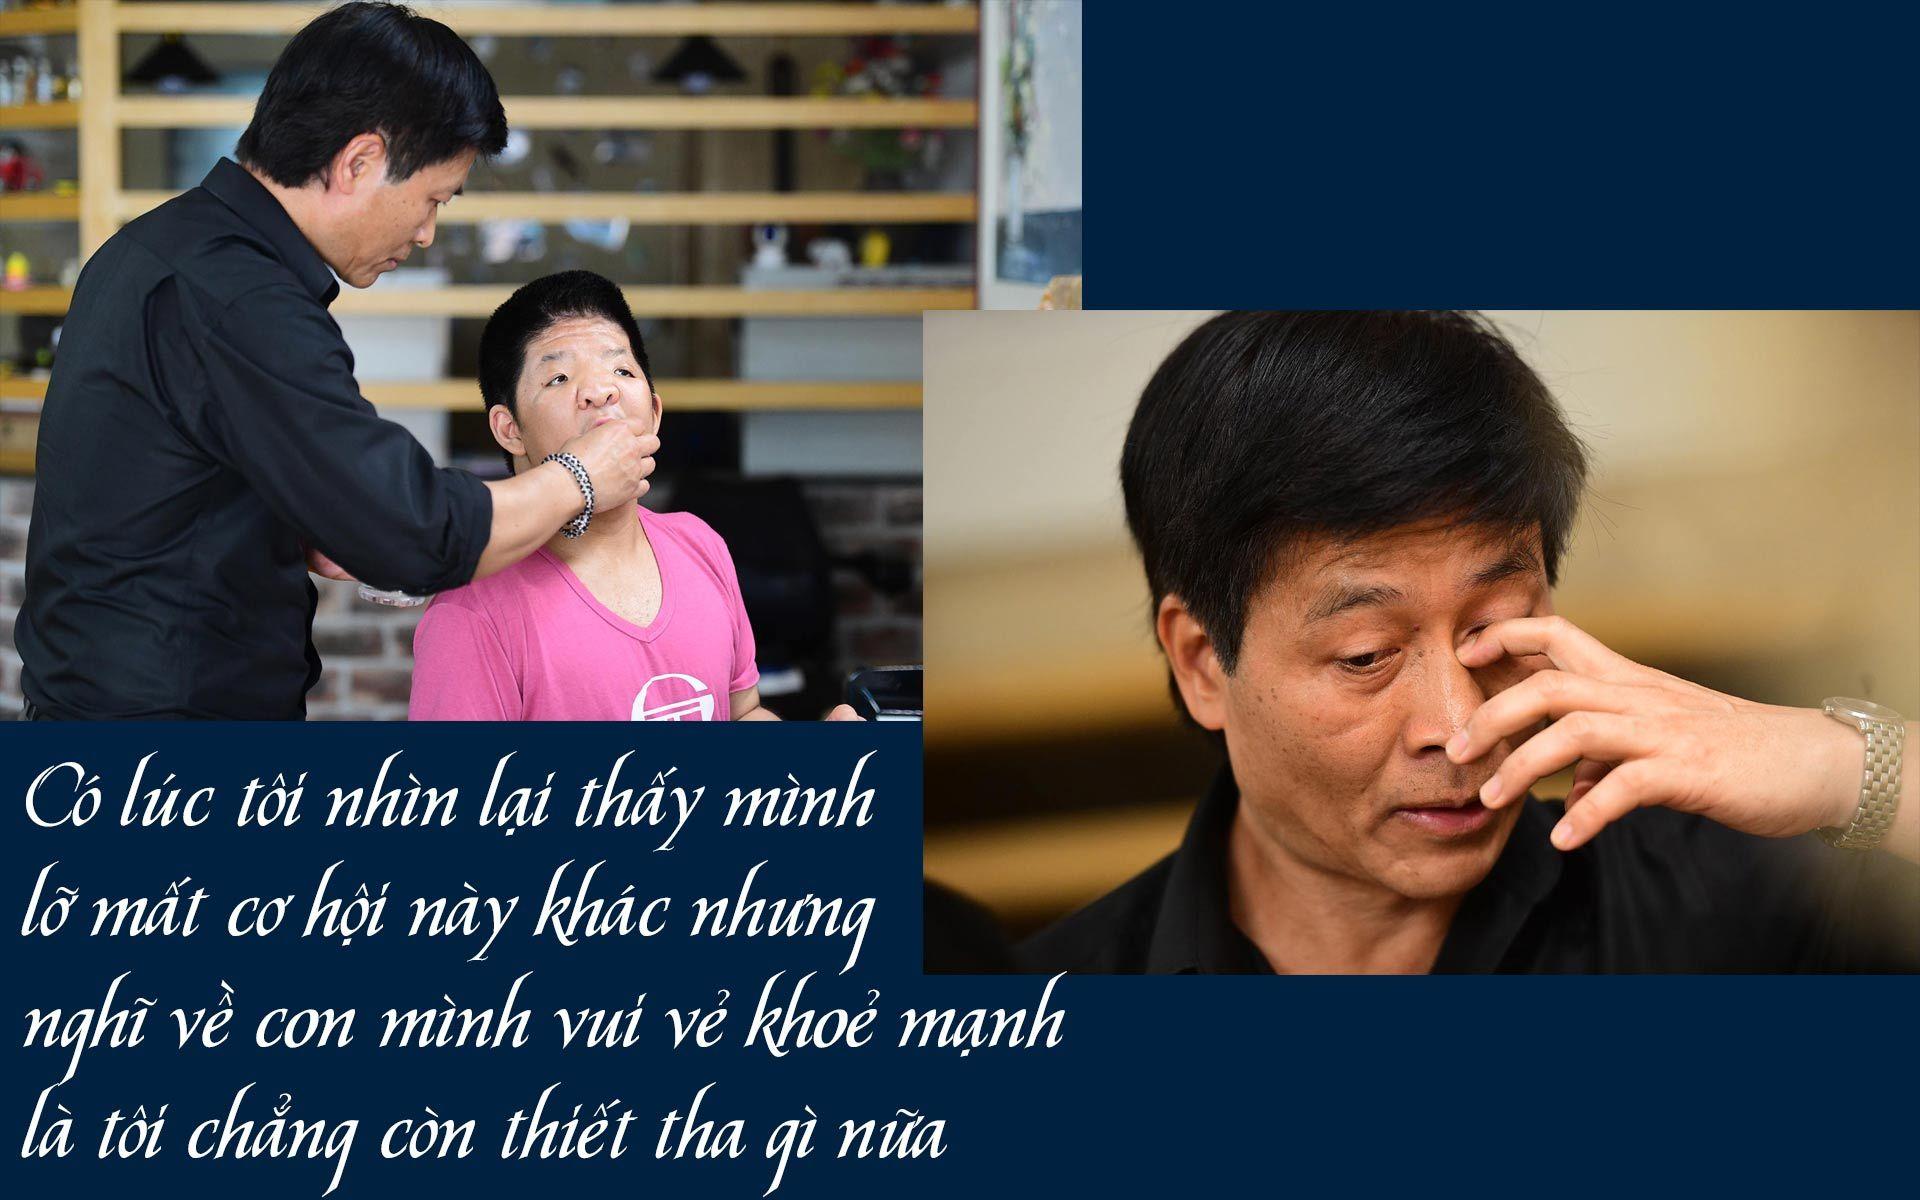 Quốc Tuấn: Không ai muốn đưa bệnh tật của con mình lên báo cả...